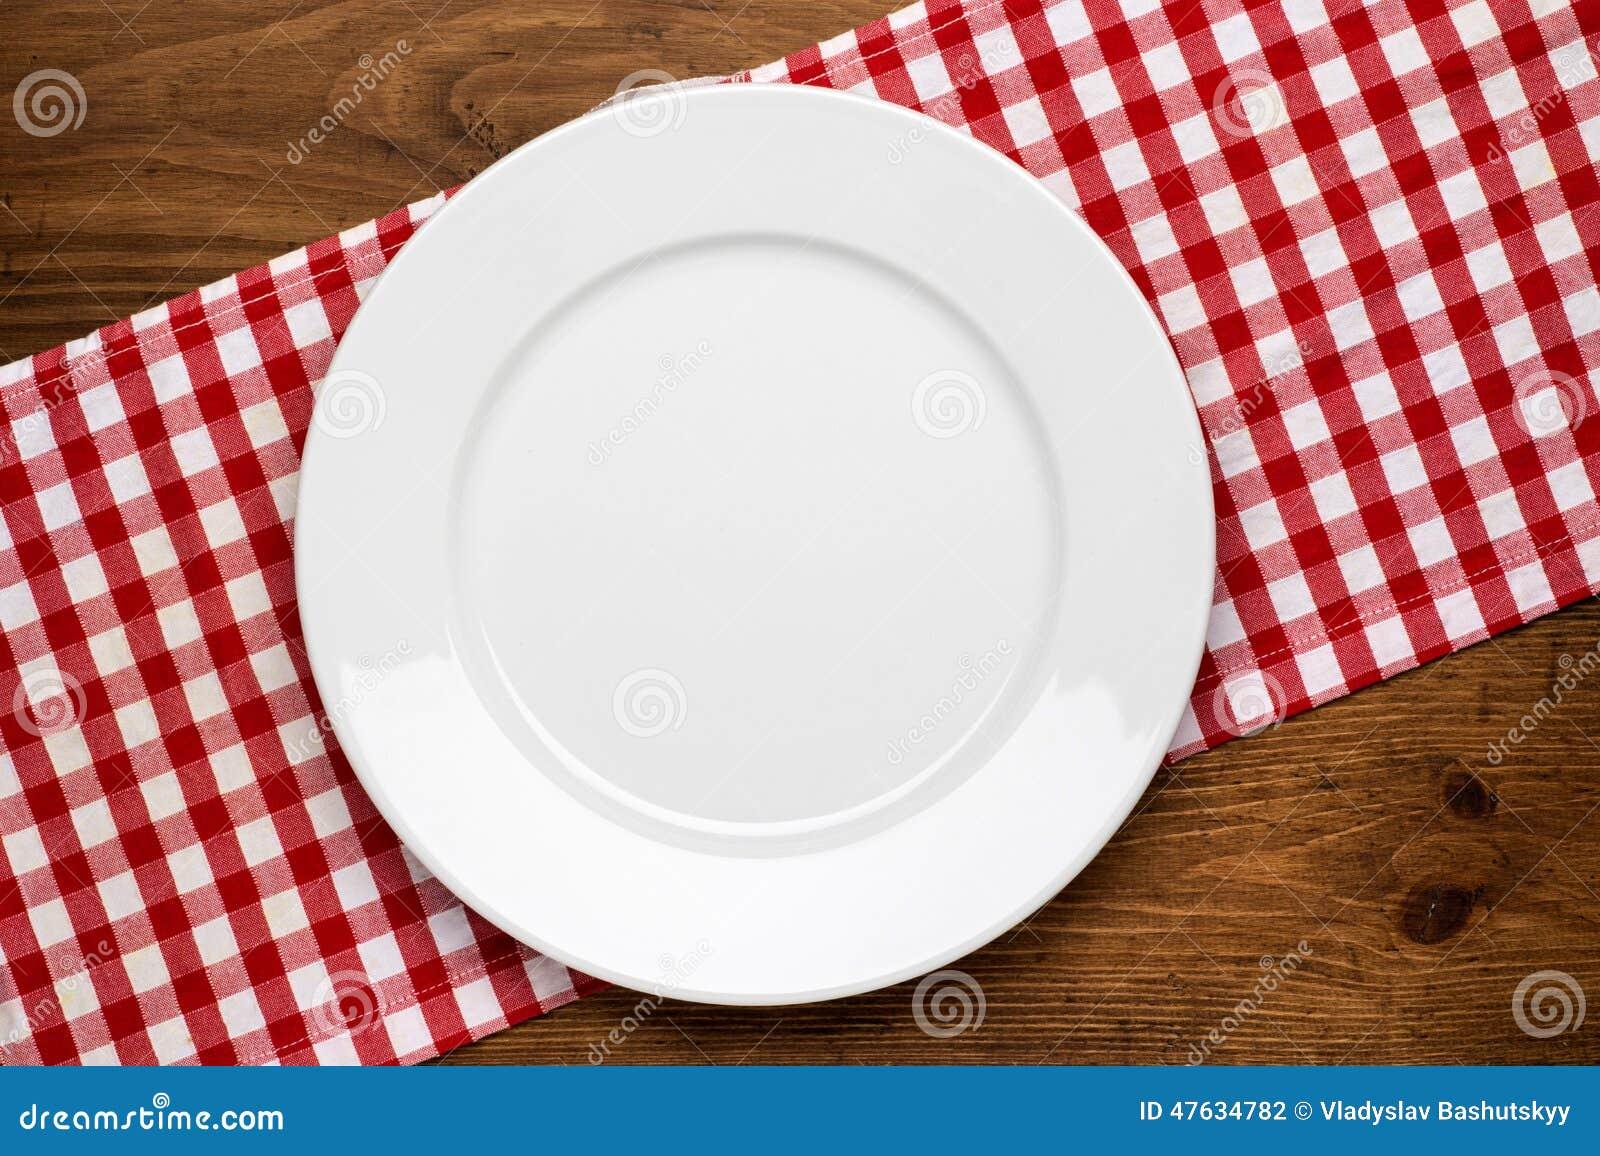 Piatto vuoto sul ripiano del tavolo di legno con la tovaglia fotografia stock immagine 47634782 - Video sesso sul tavolo ...